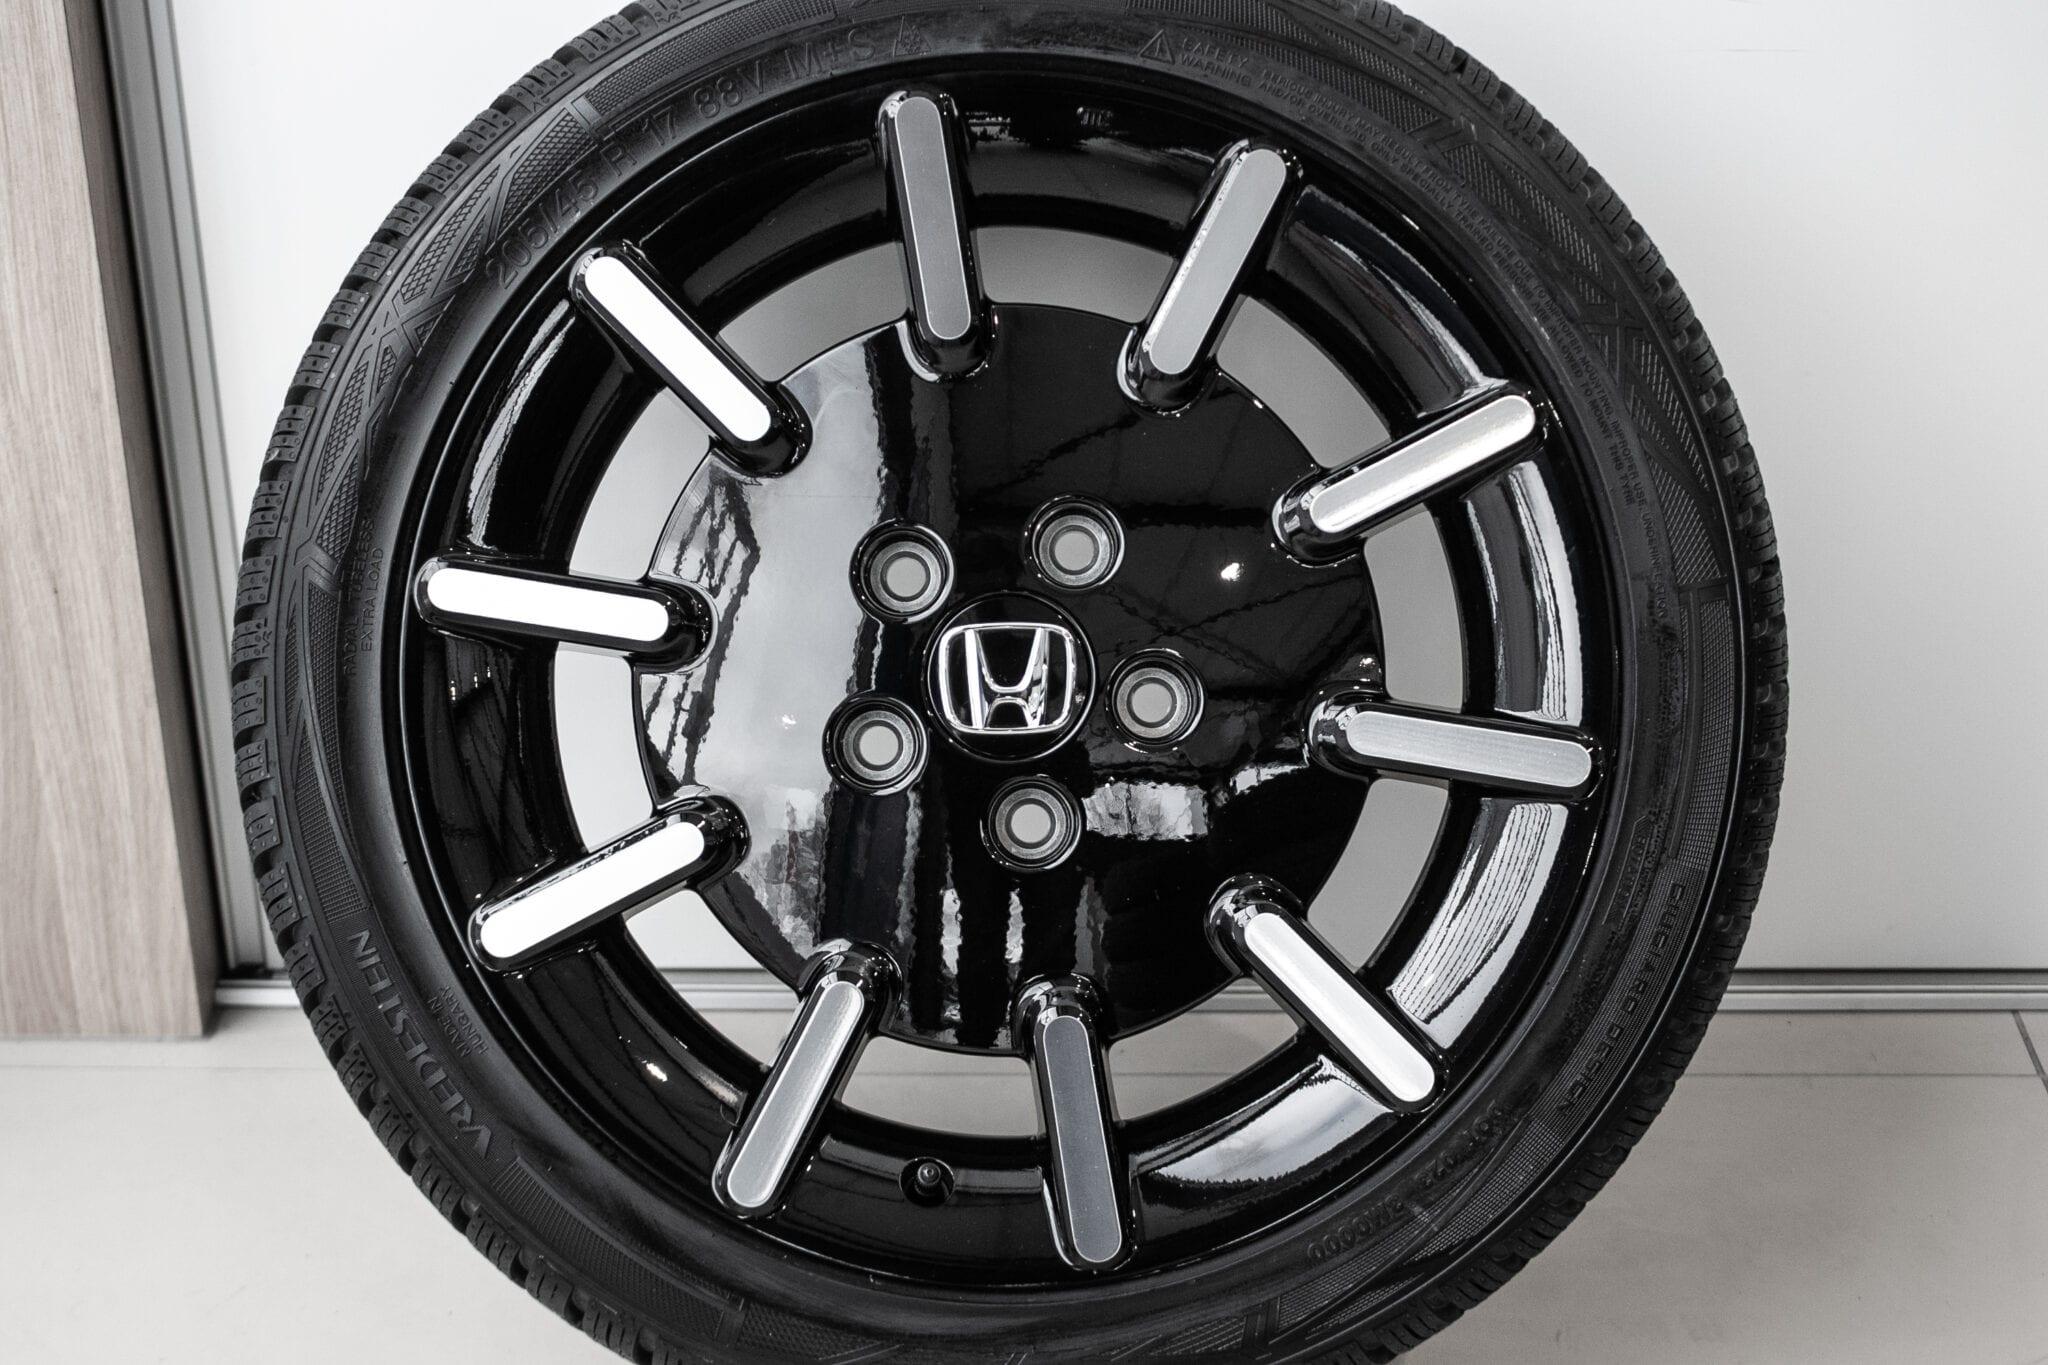 """17"""" Winterwielen voor de Honda e. met nieuwe vredestein winterbanden €1.395,- Nieuwe set!"""